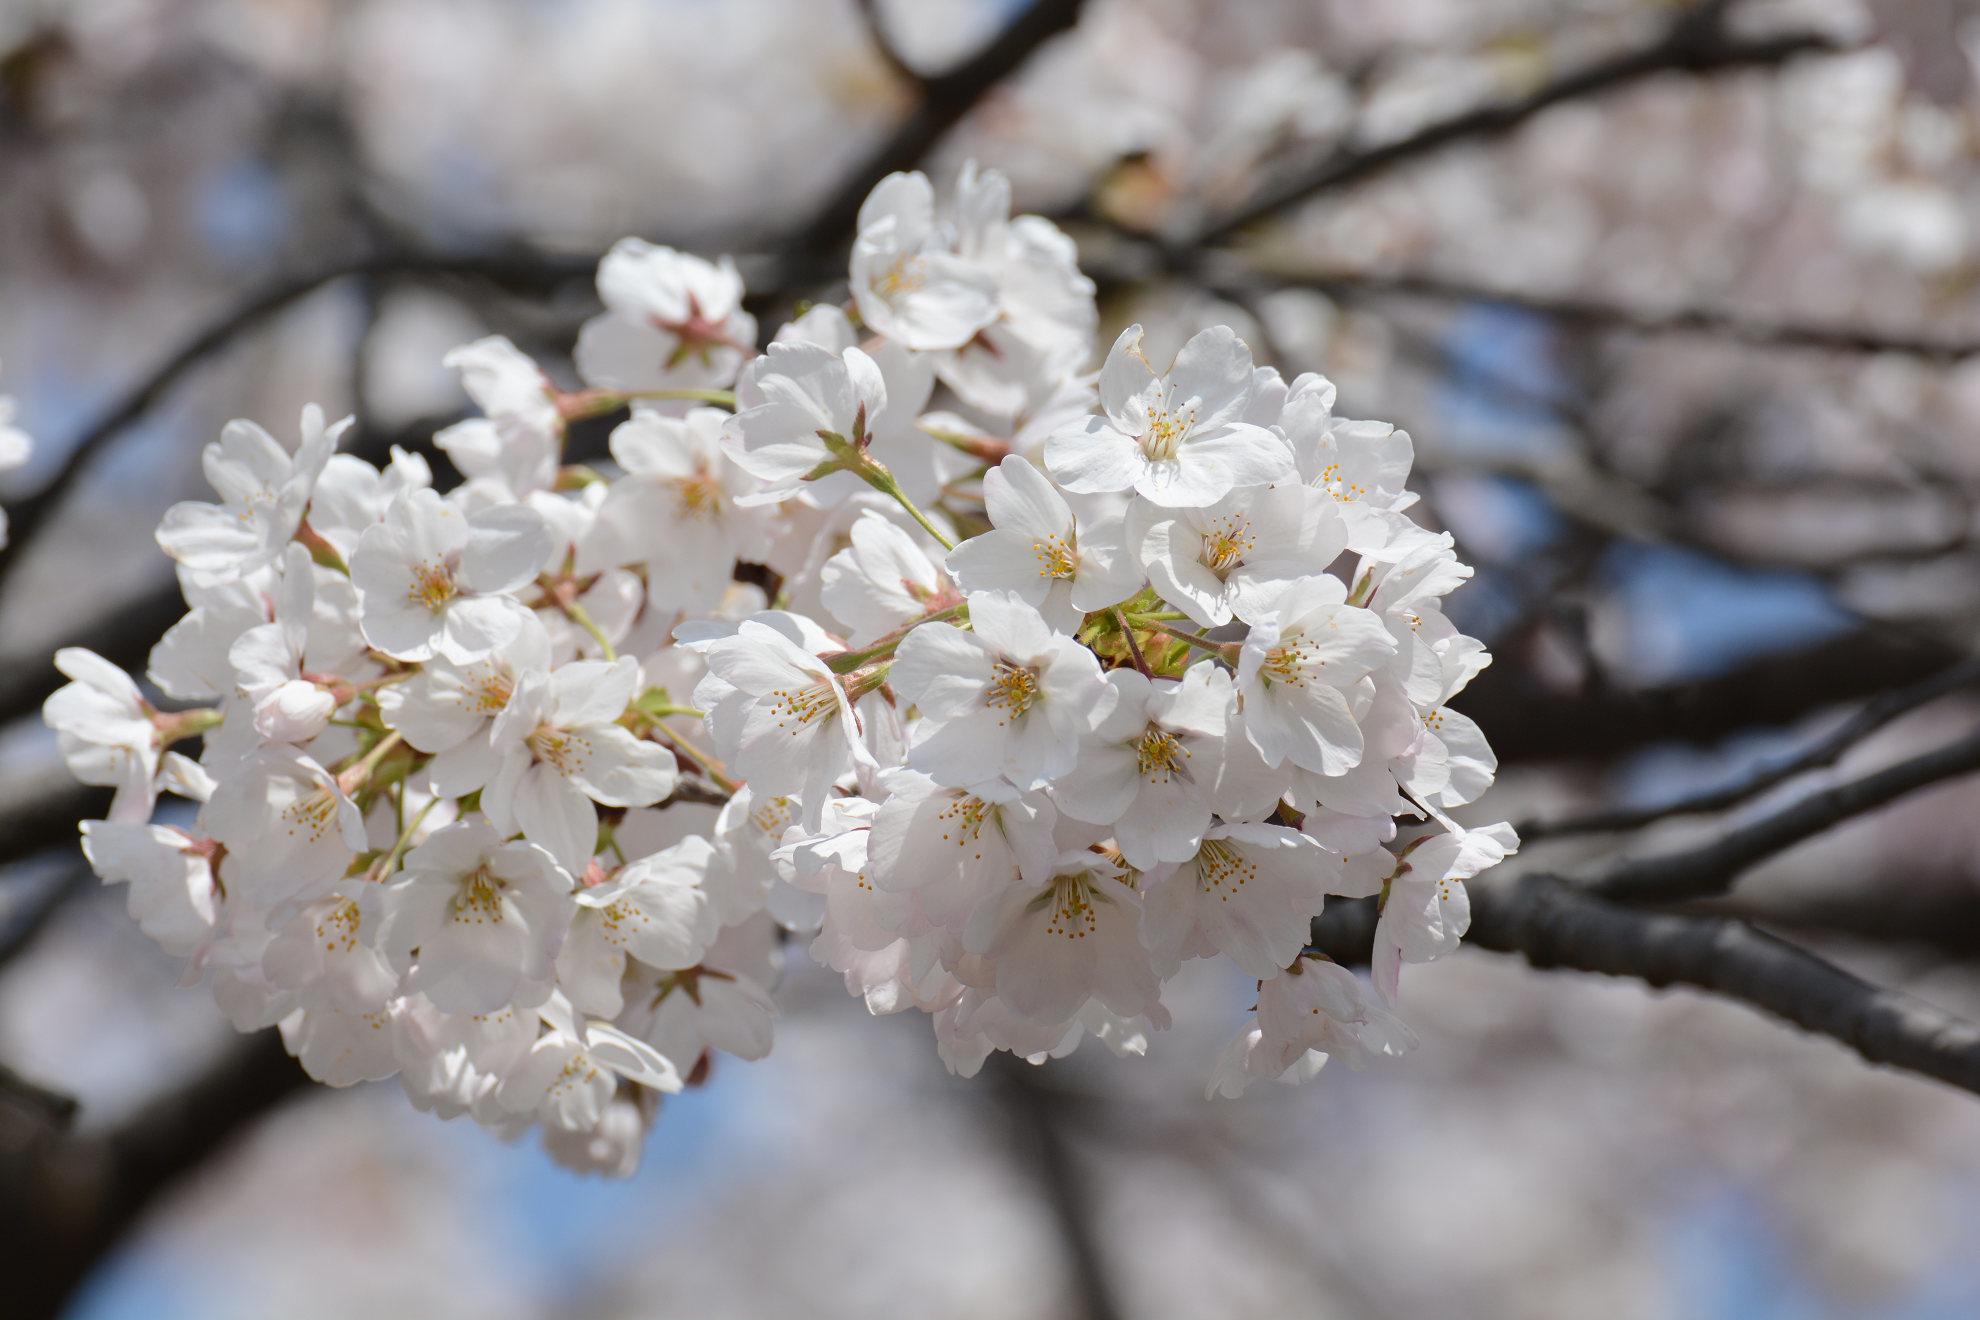 桜とほぼ同時期に咲くカタクリの花_a0148206_20203903.jpg